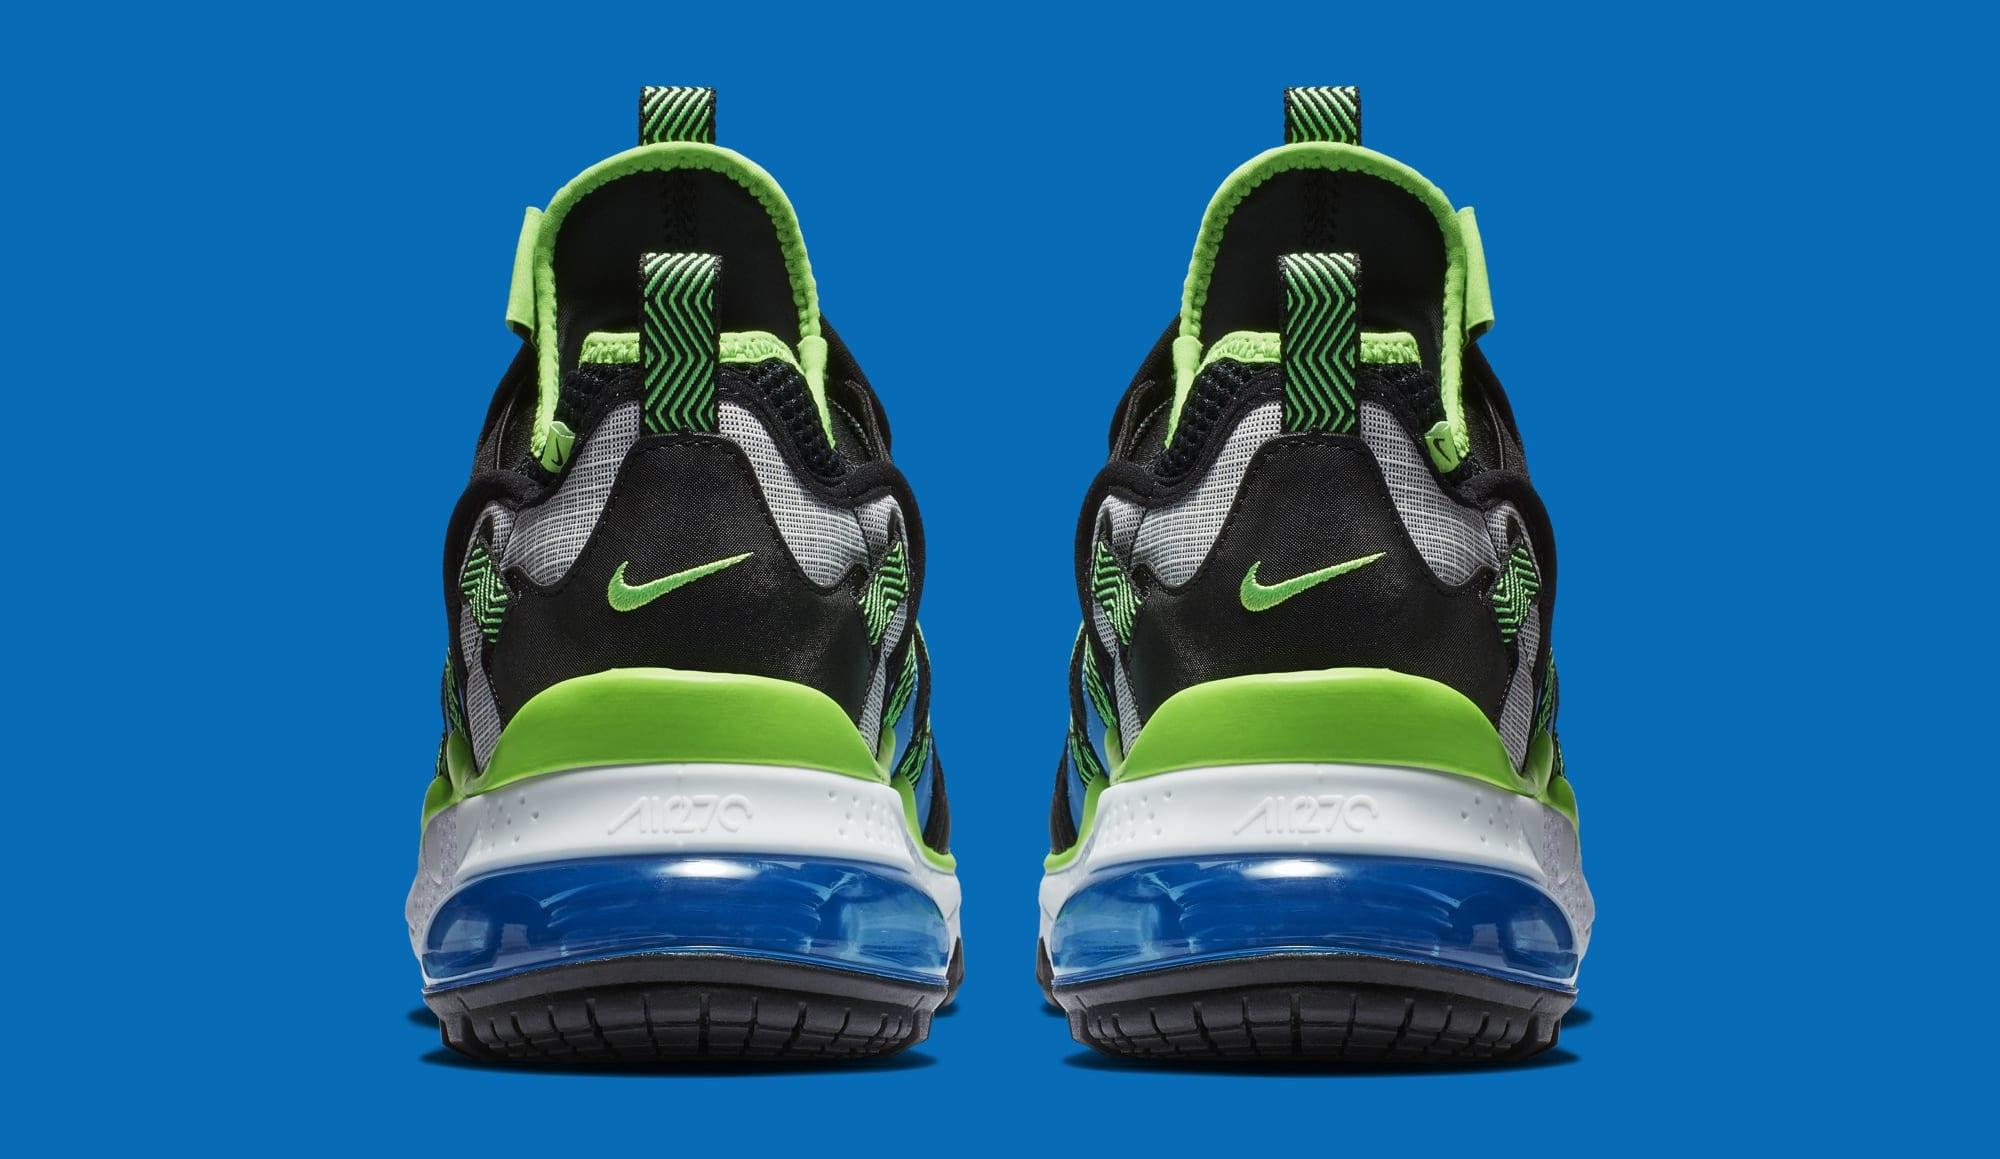 Nike Air Max 270 Bowfin AJ7200-001 AJ7200-002 Release Date - Premier ... 1b10cf286